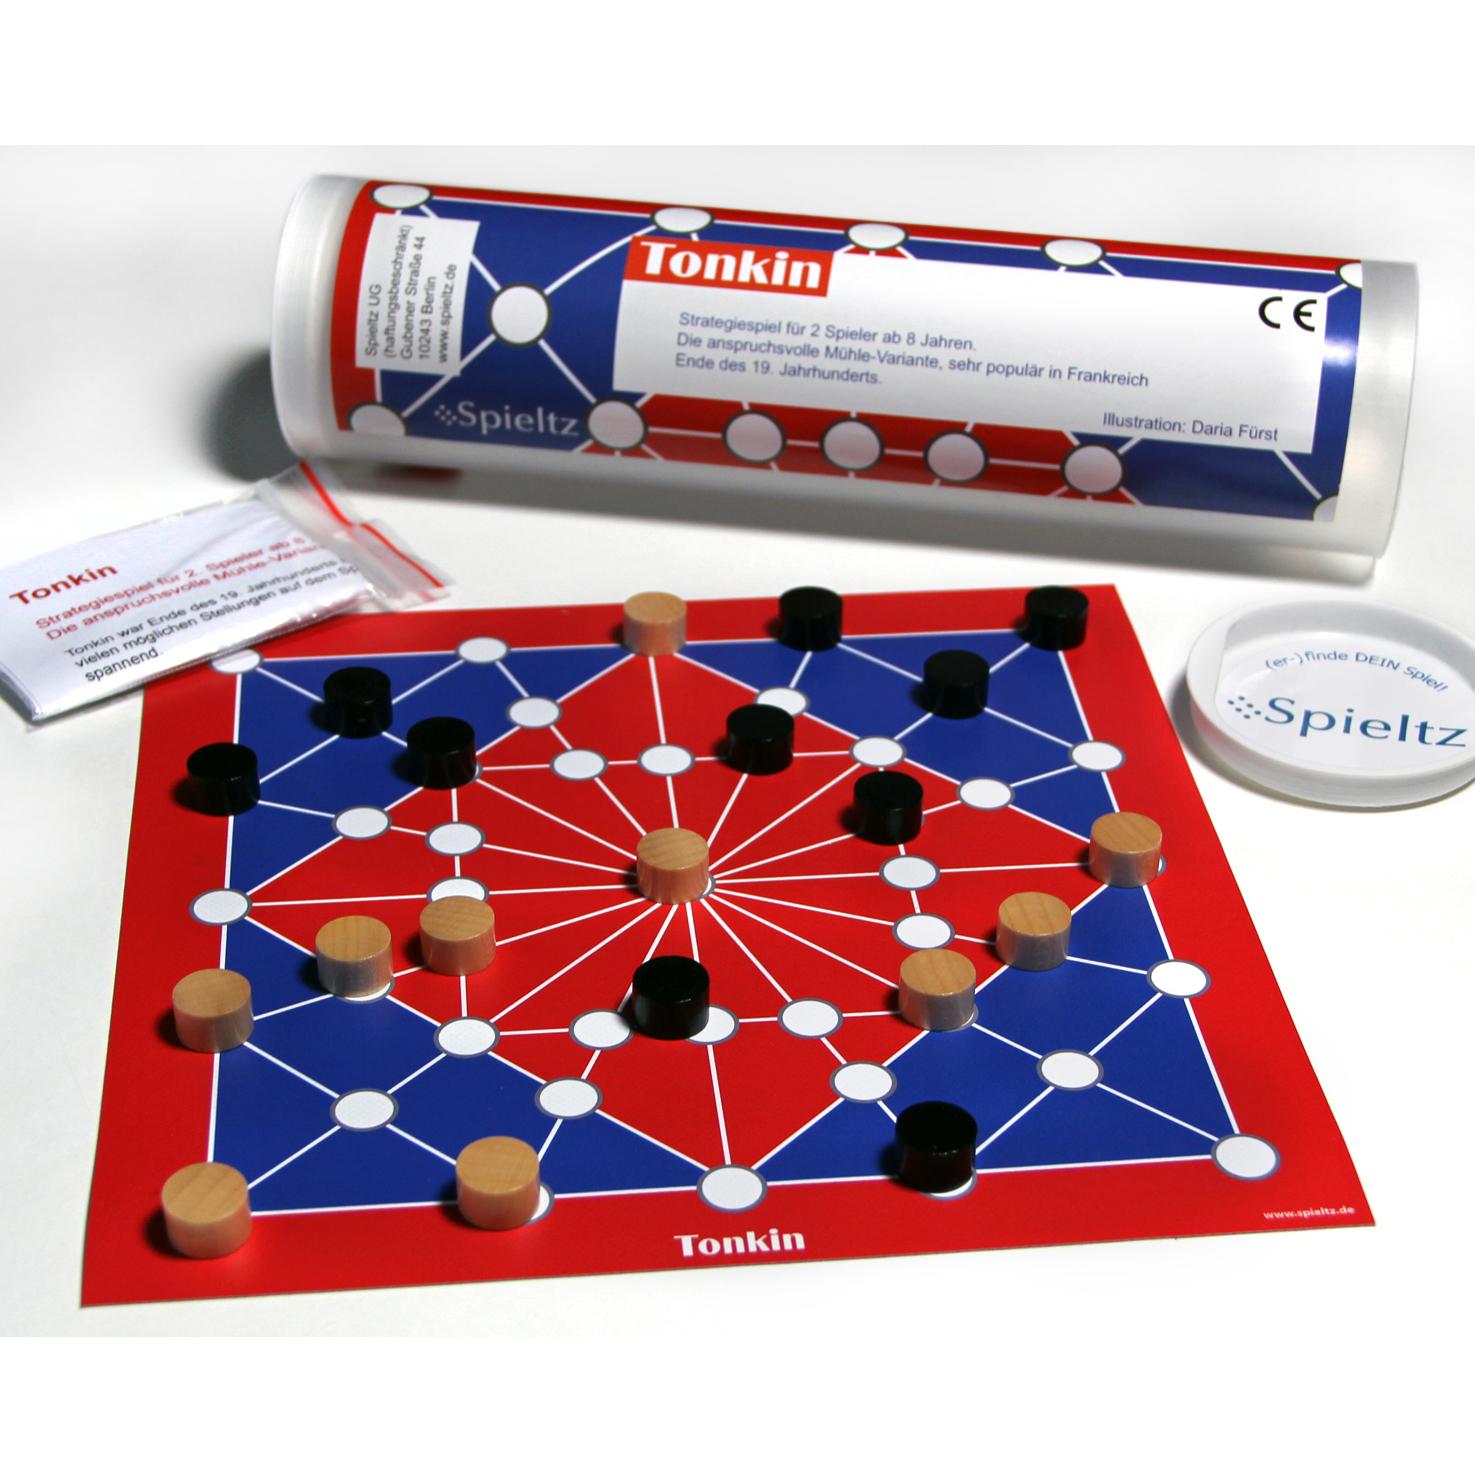 tonkin-spiel+verpackung-quadratisch-IMG_0086